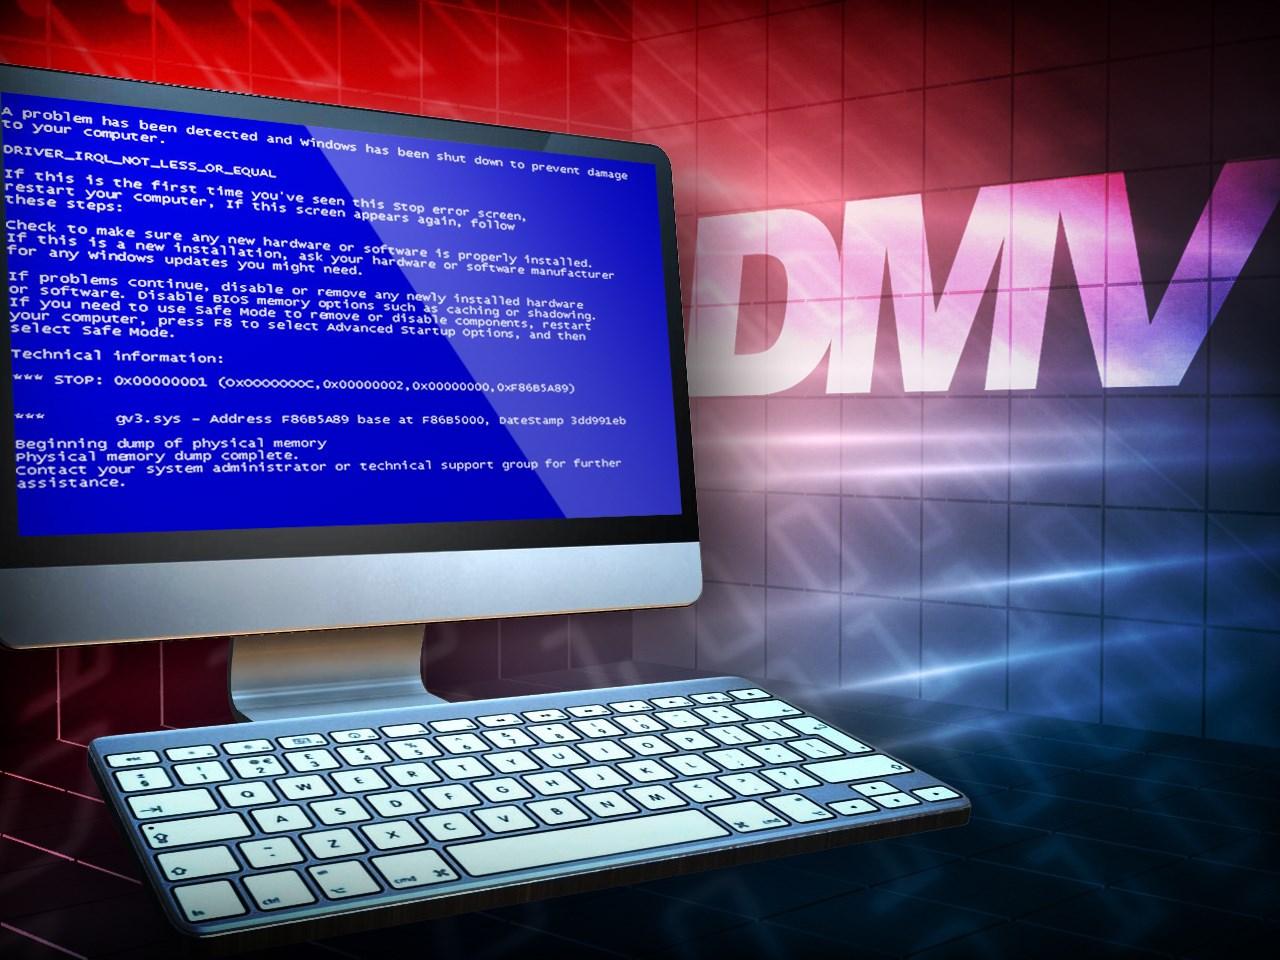 dmv computer_1460488813857.jpg